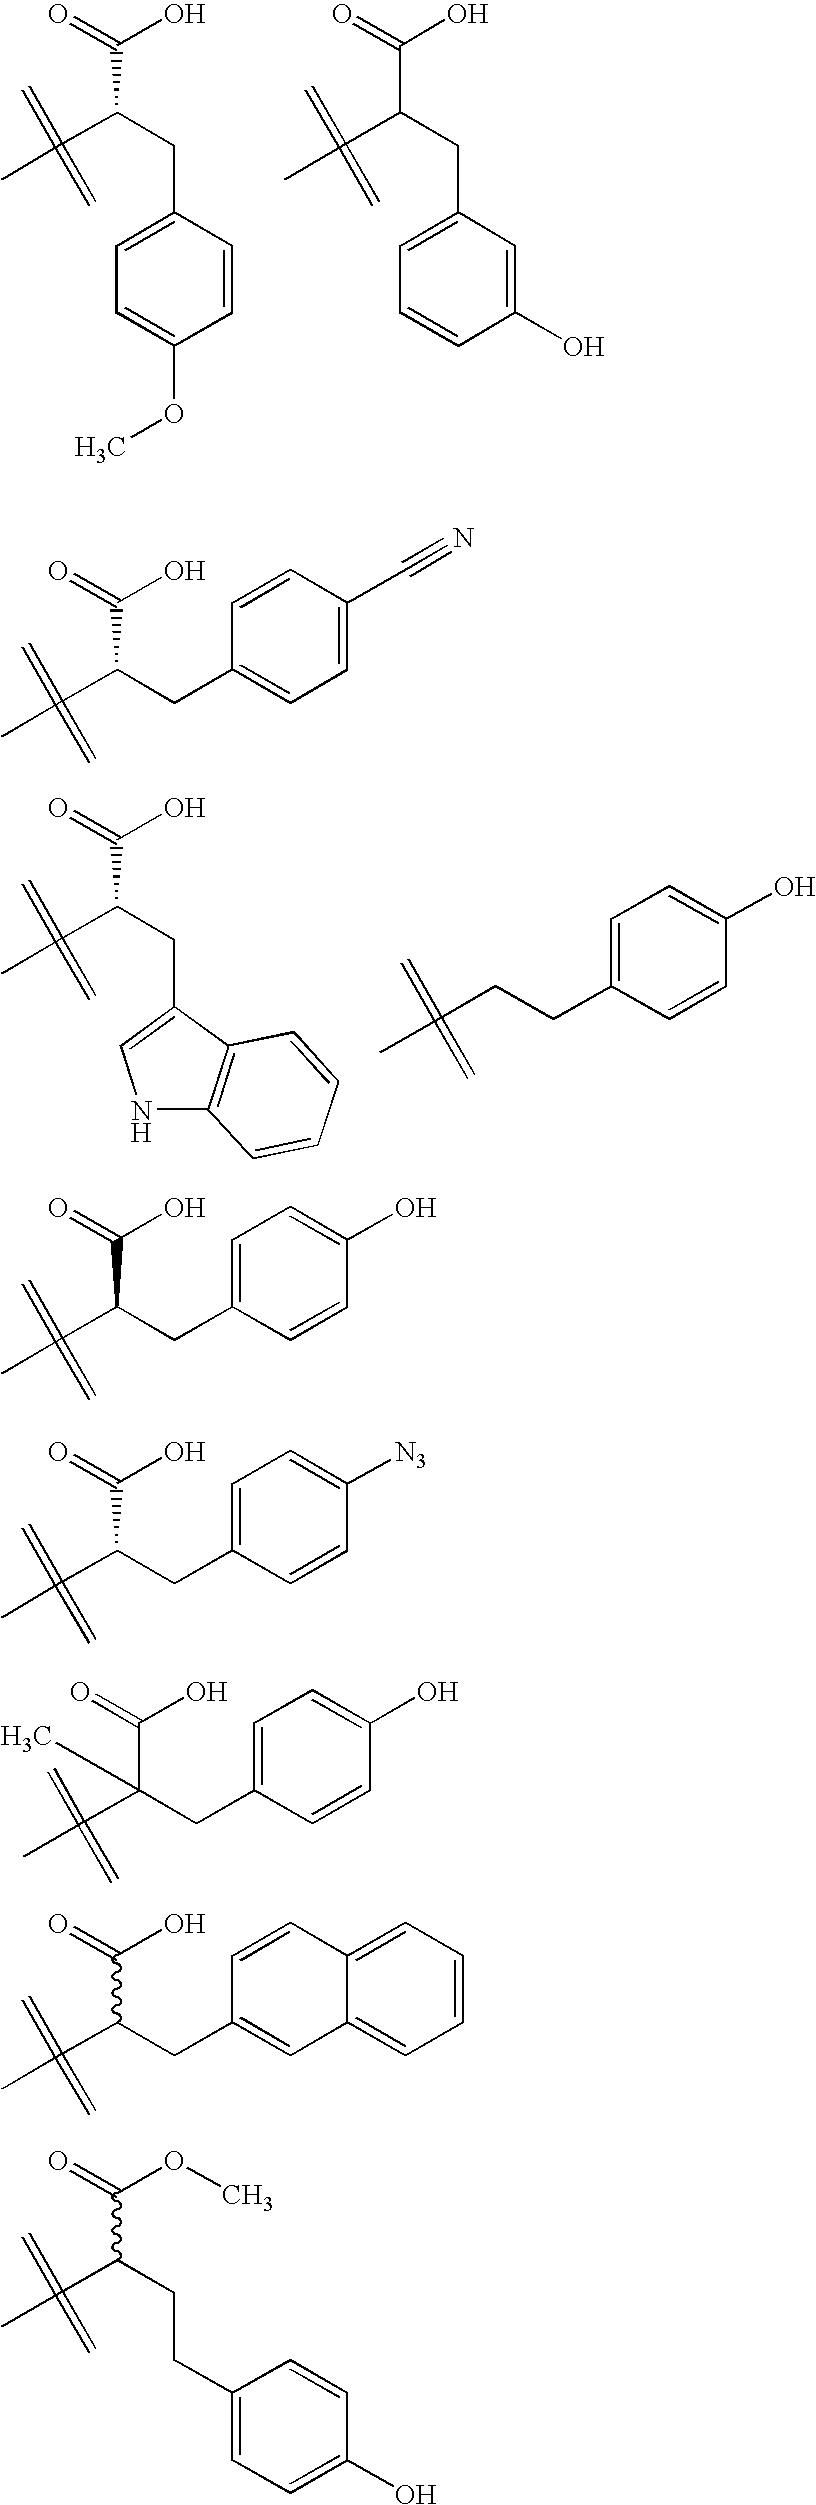 Figure US20070049593A1-20070301-C00090